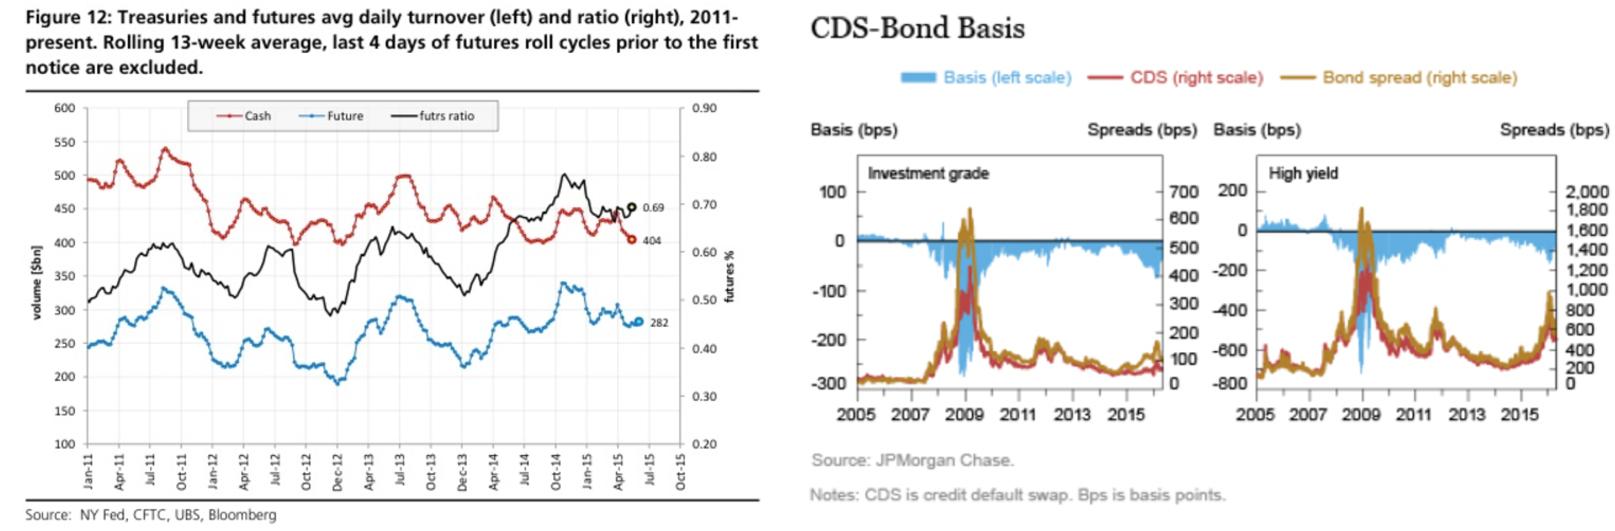 how to buy corporate bonds vanguard